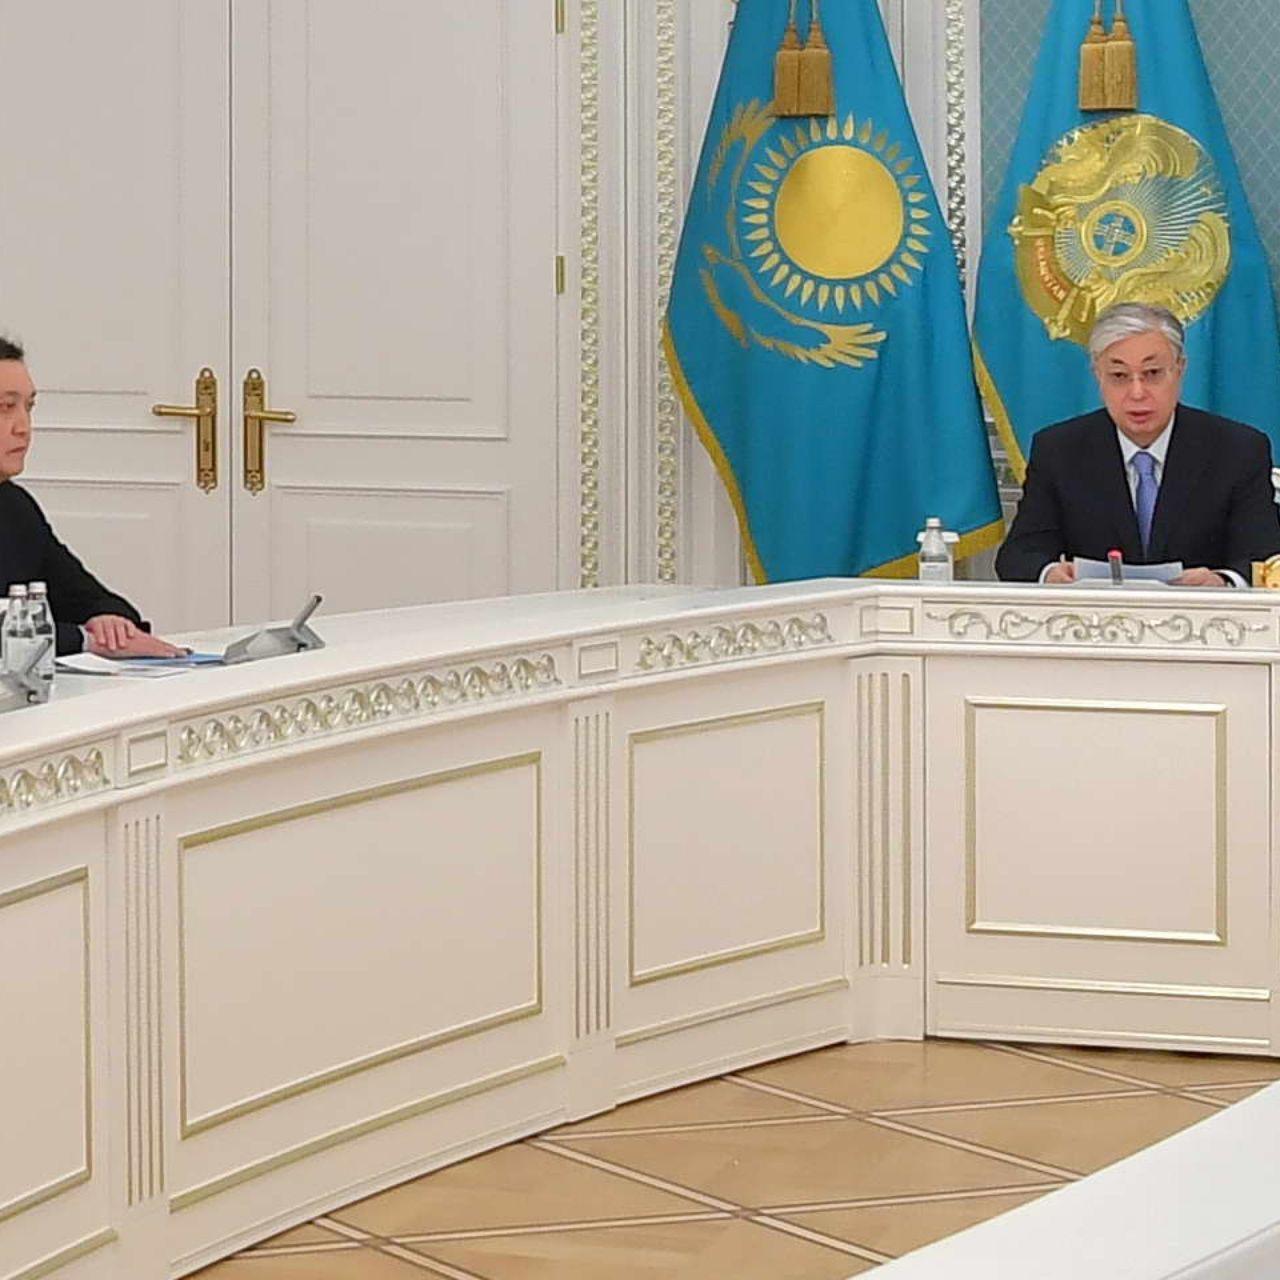 Қасым-Жомарт Тоқаев еліміздегі экономикалық ахуал жөнінде кеңес өткізді